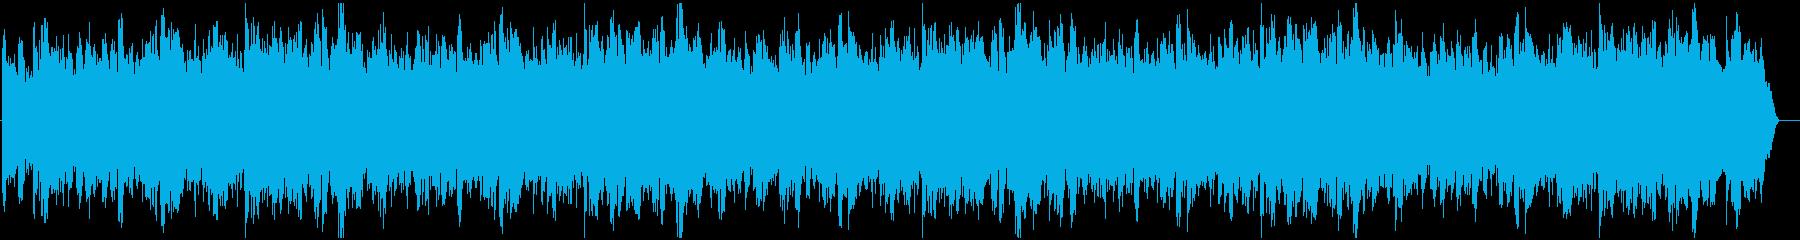 ダークで深刻な雰囲気のメロディーの再生済みの波形